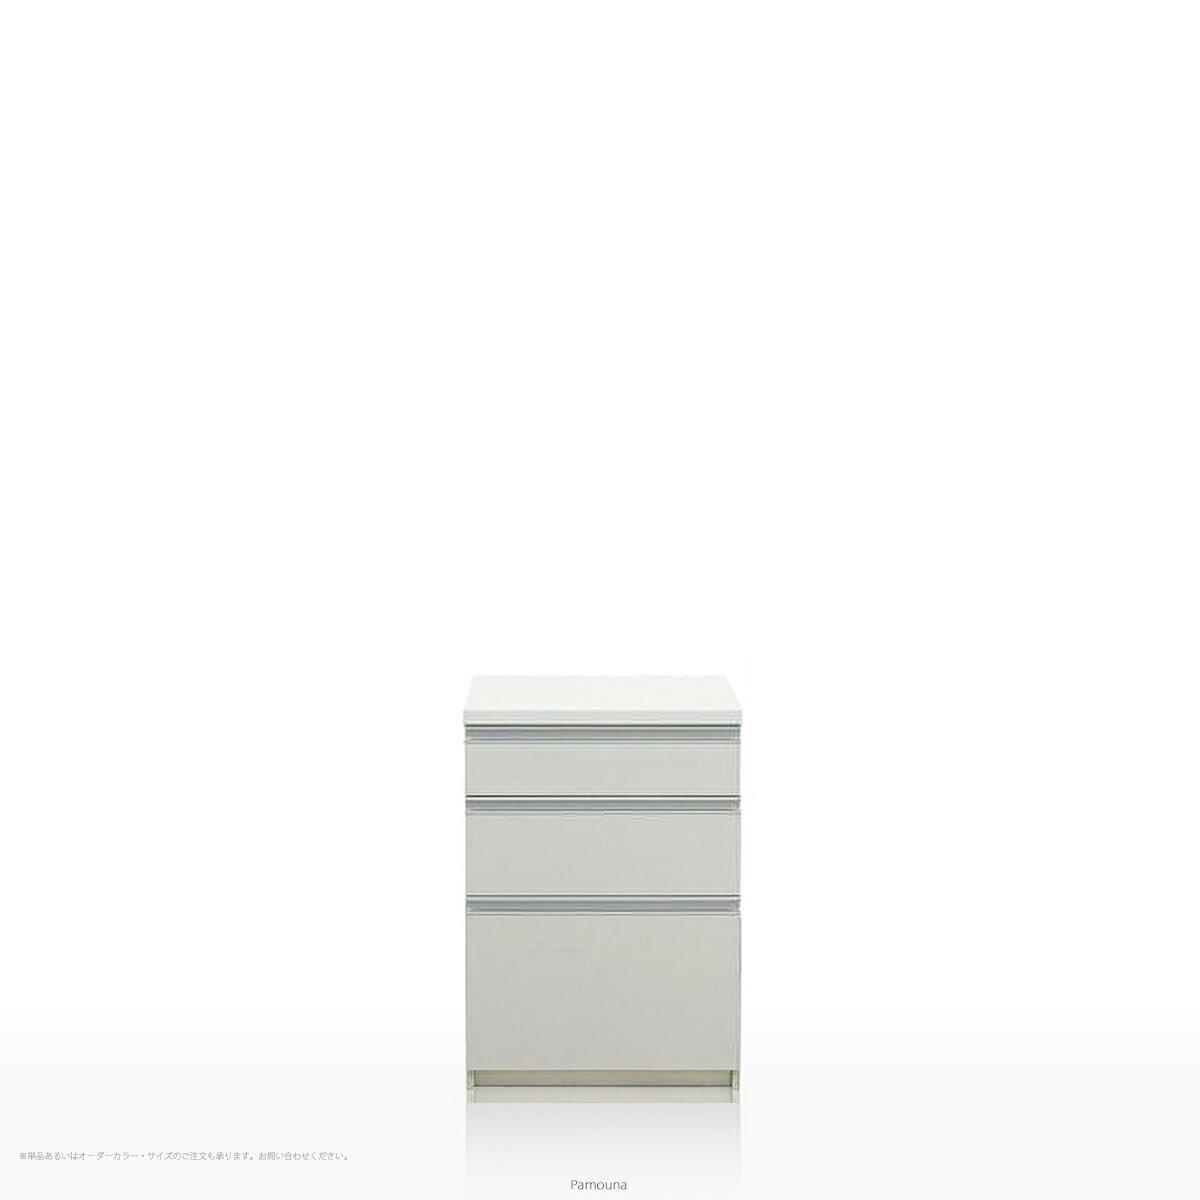 Pamouna(パモウナ) LFシリーズ LF-S600K キッチンカウンター/食器棚の下台 (幅60cm, 奥行き45cm, プレーンホワイト)【送料無料 ※対象地域(本州,九州,四国)】【同梱不可】